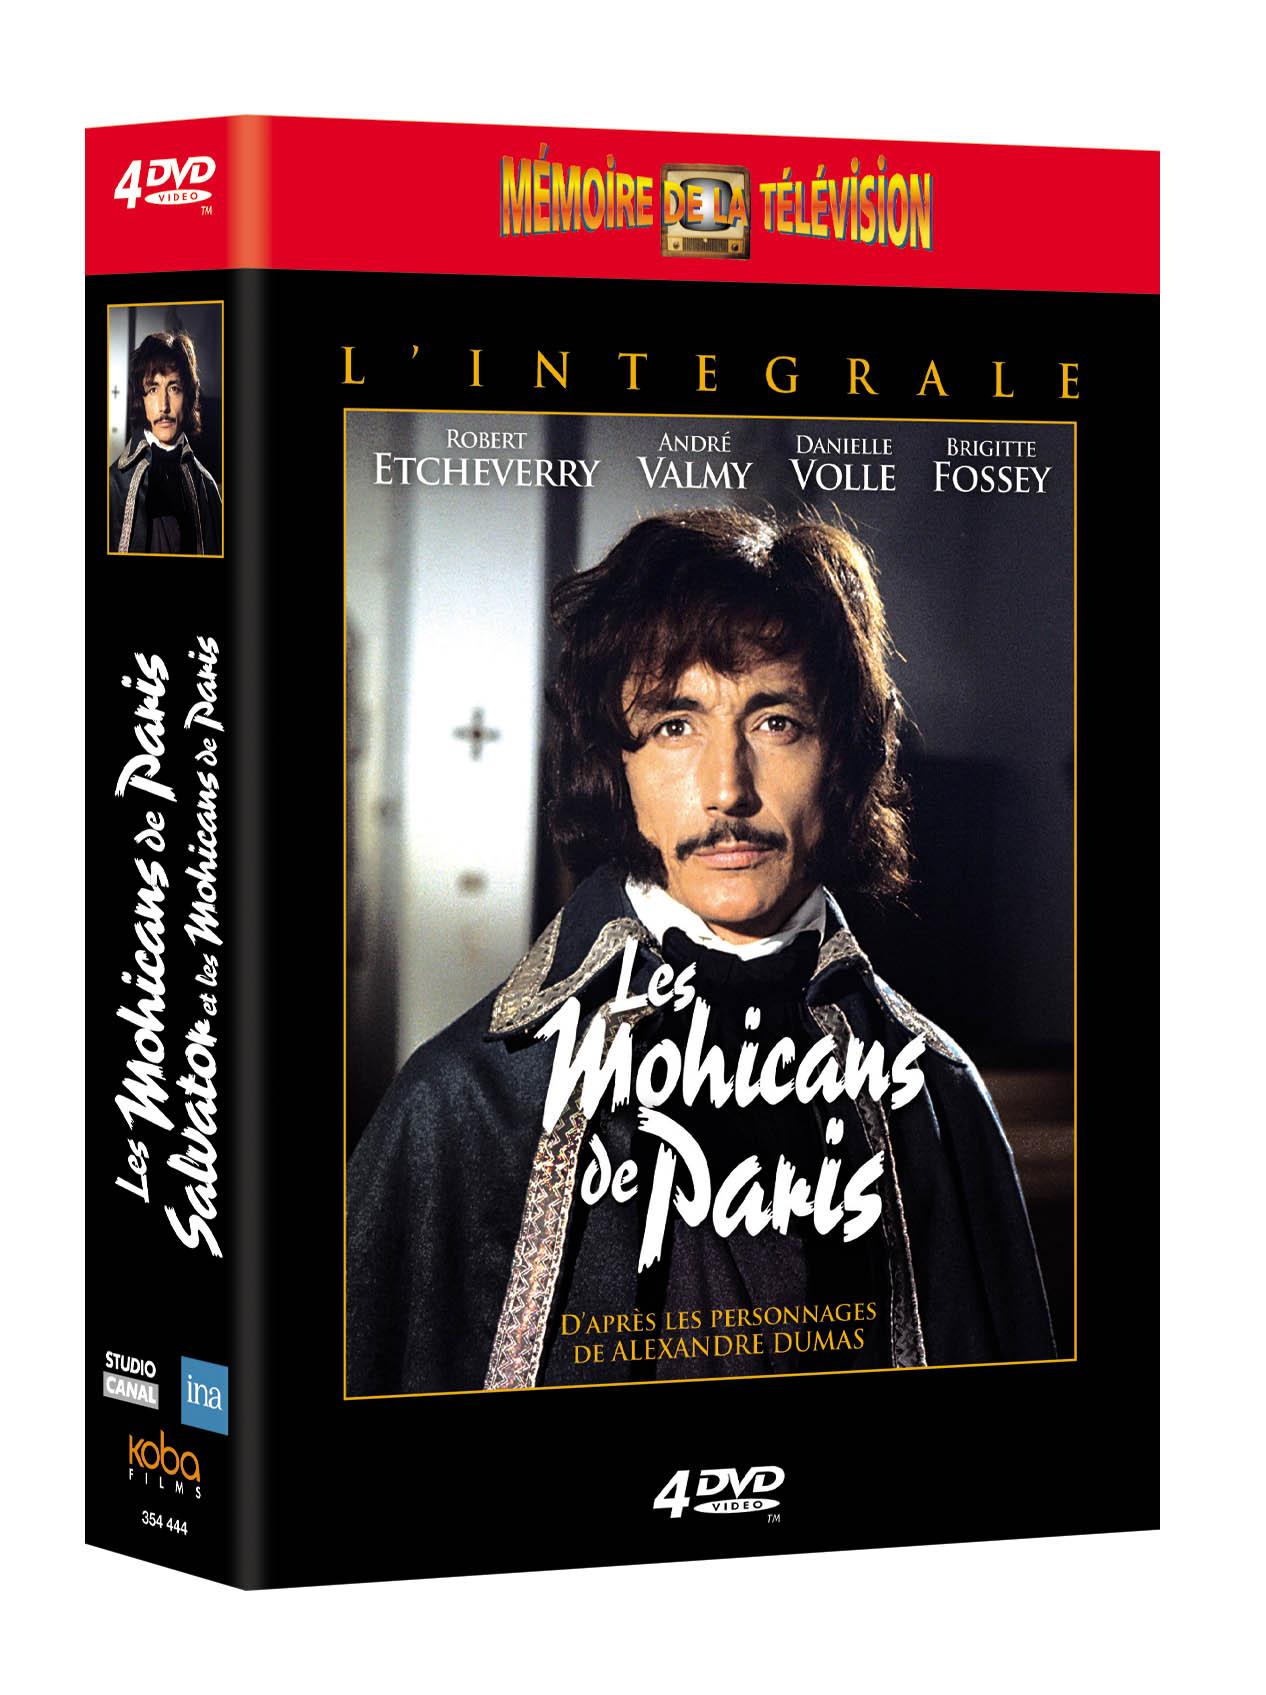 MOHICANS DE PARIS (LES) - INTEGRALE (4 DVD)